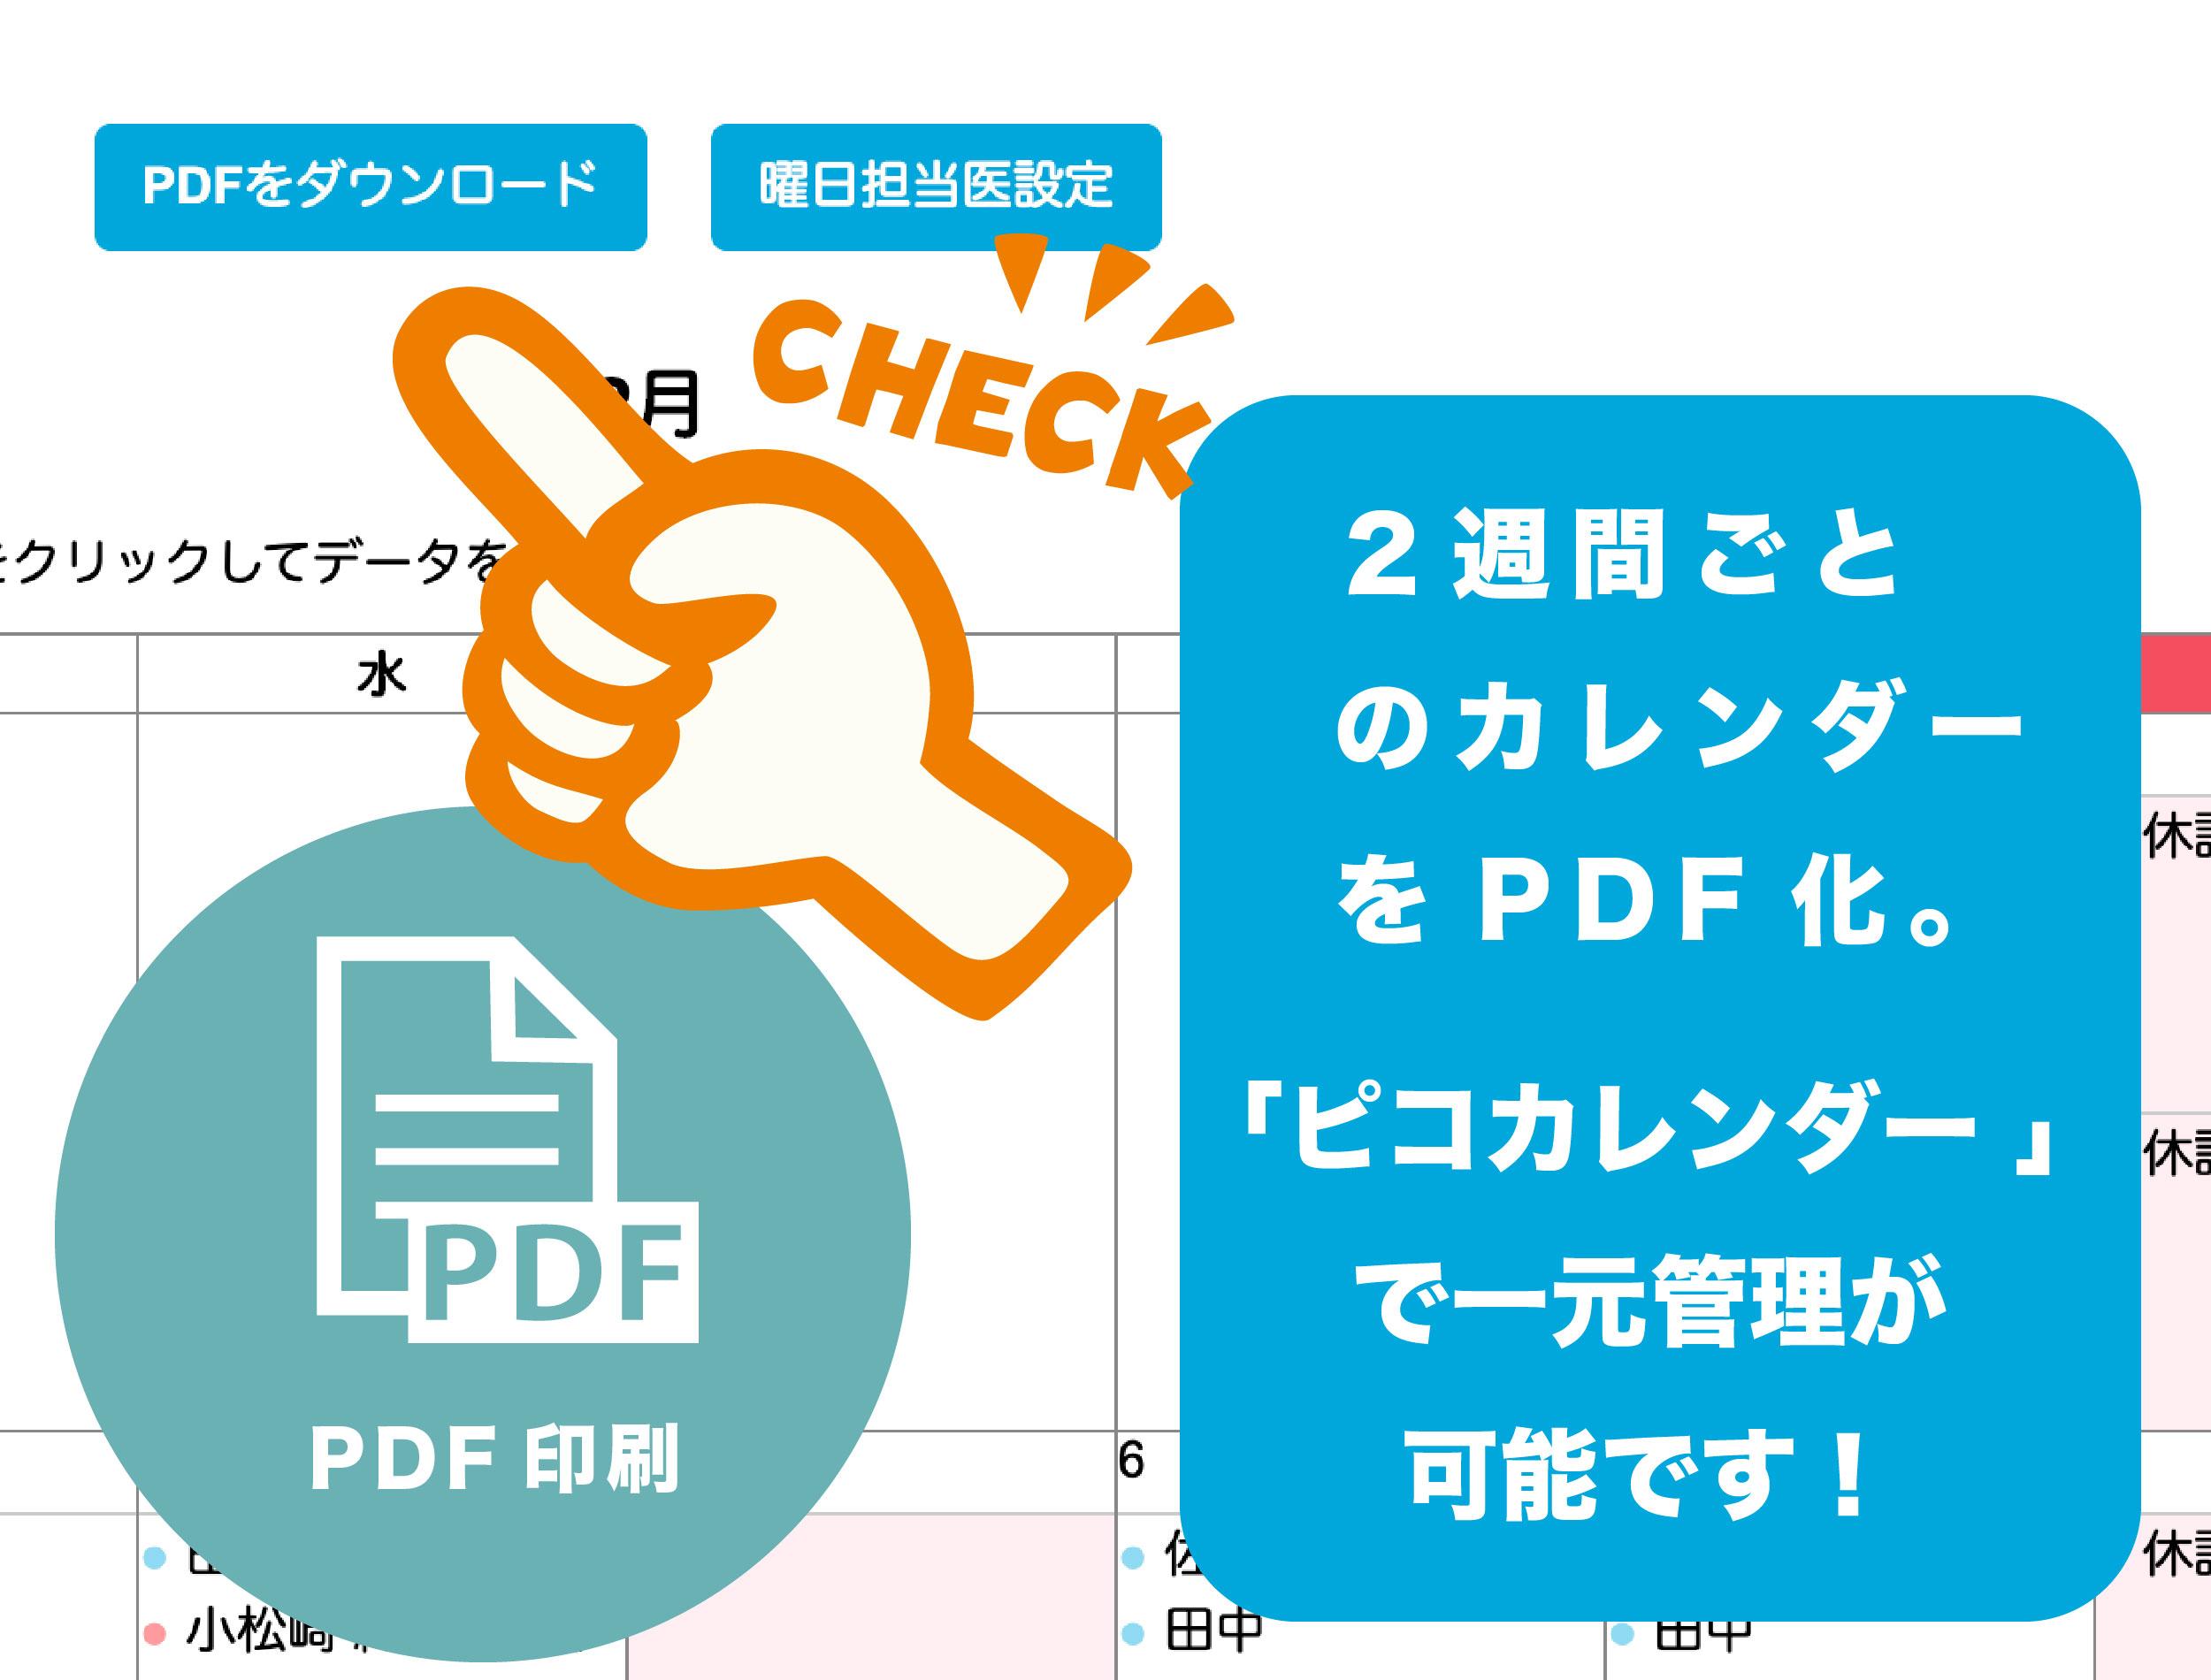 印刷対応作成したカレンダーを印刷できます